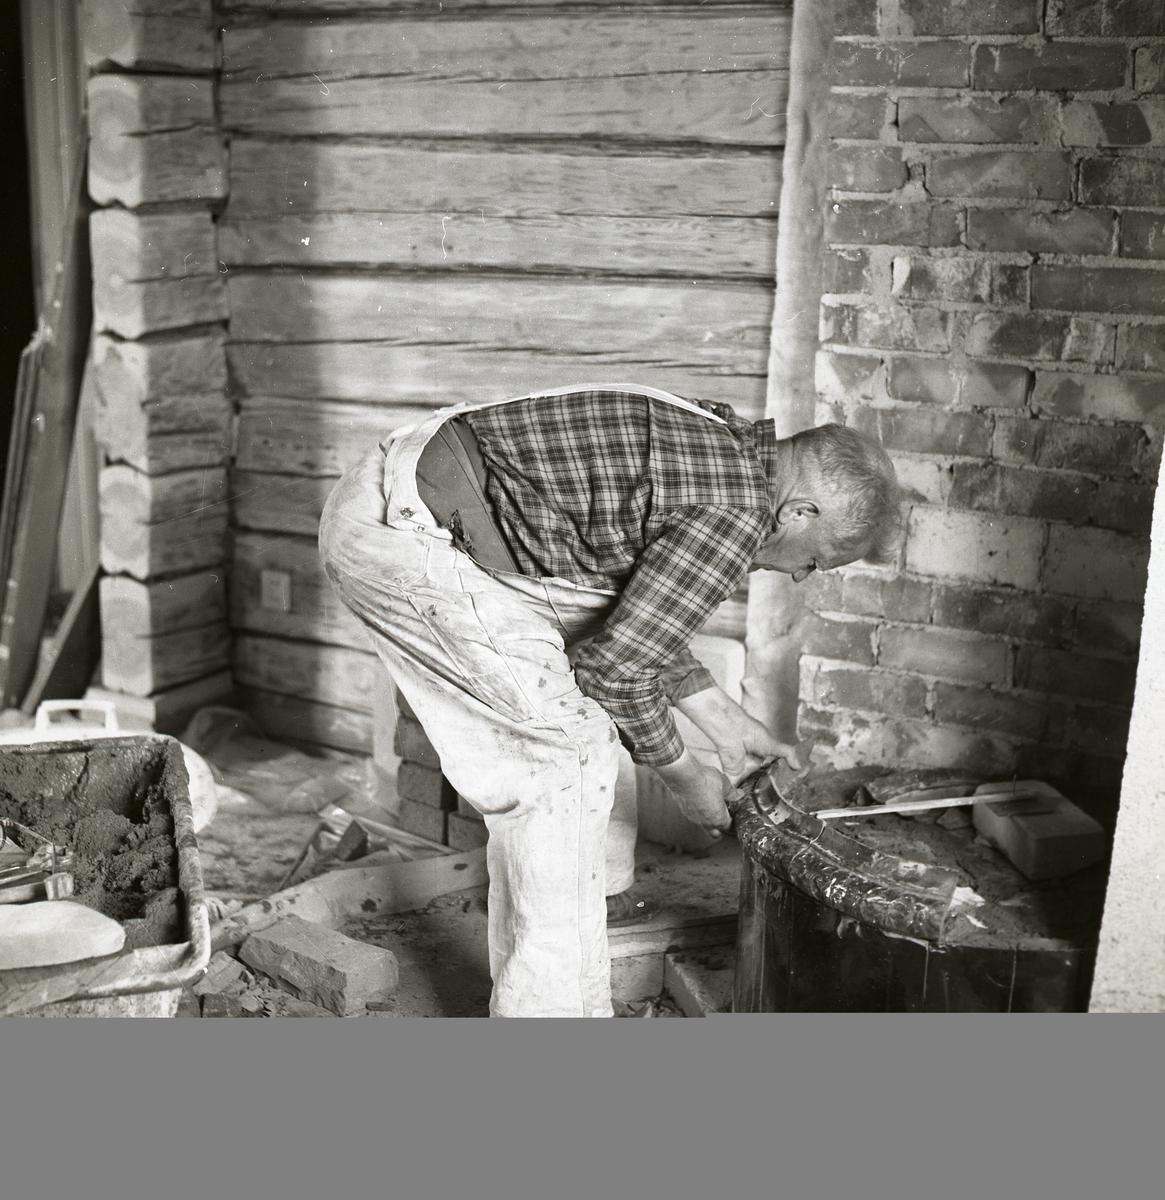 En man bygger ihop en kakelugn, 1968.